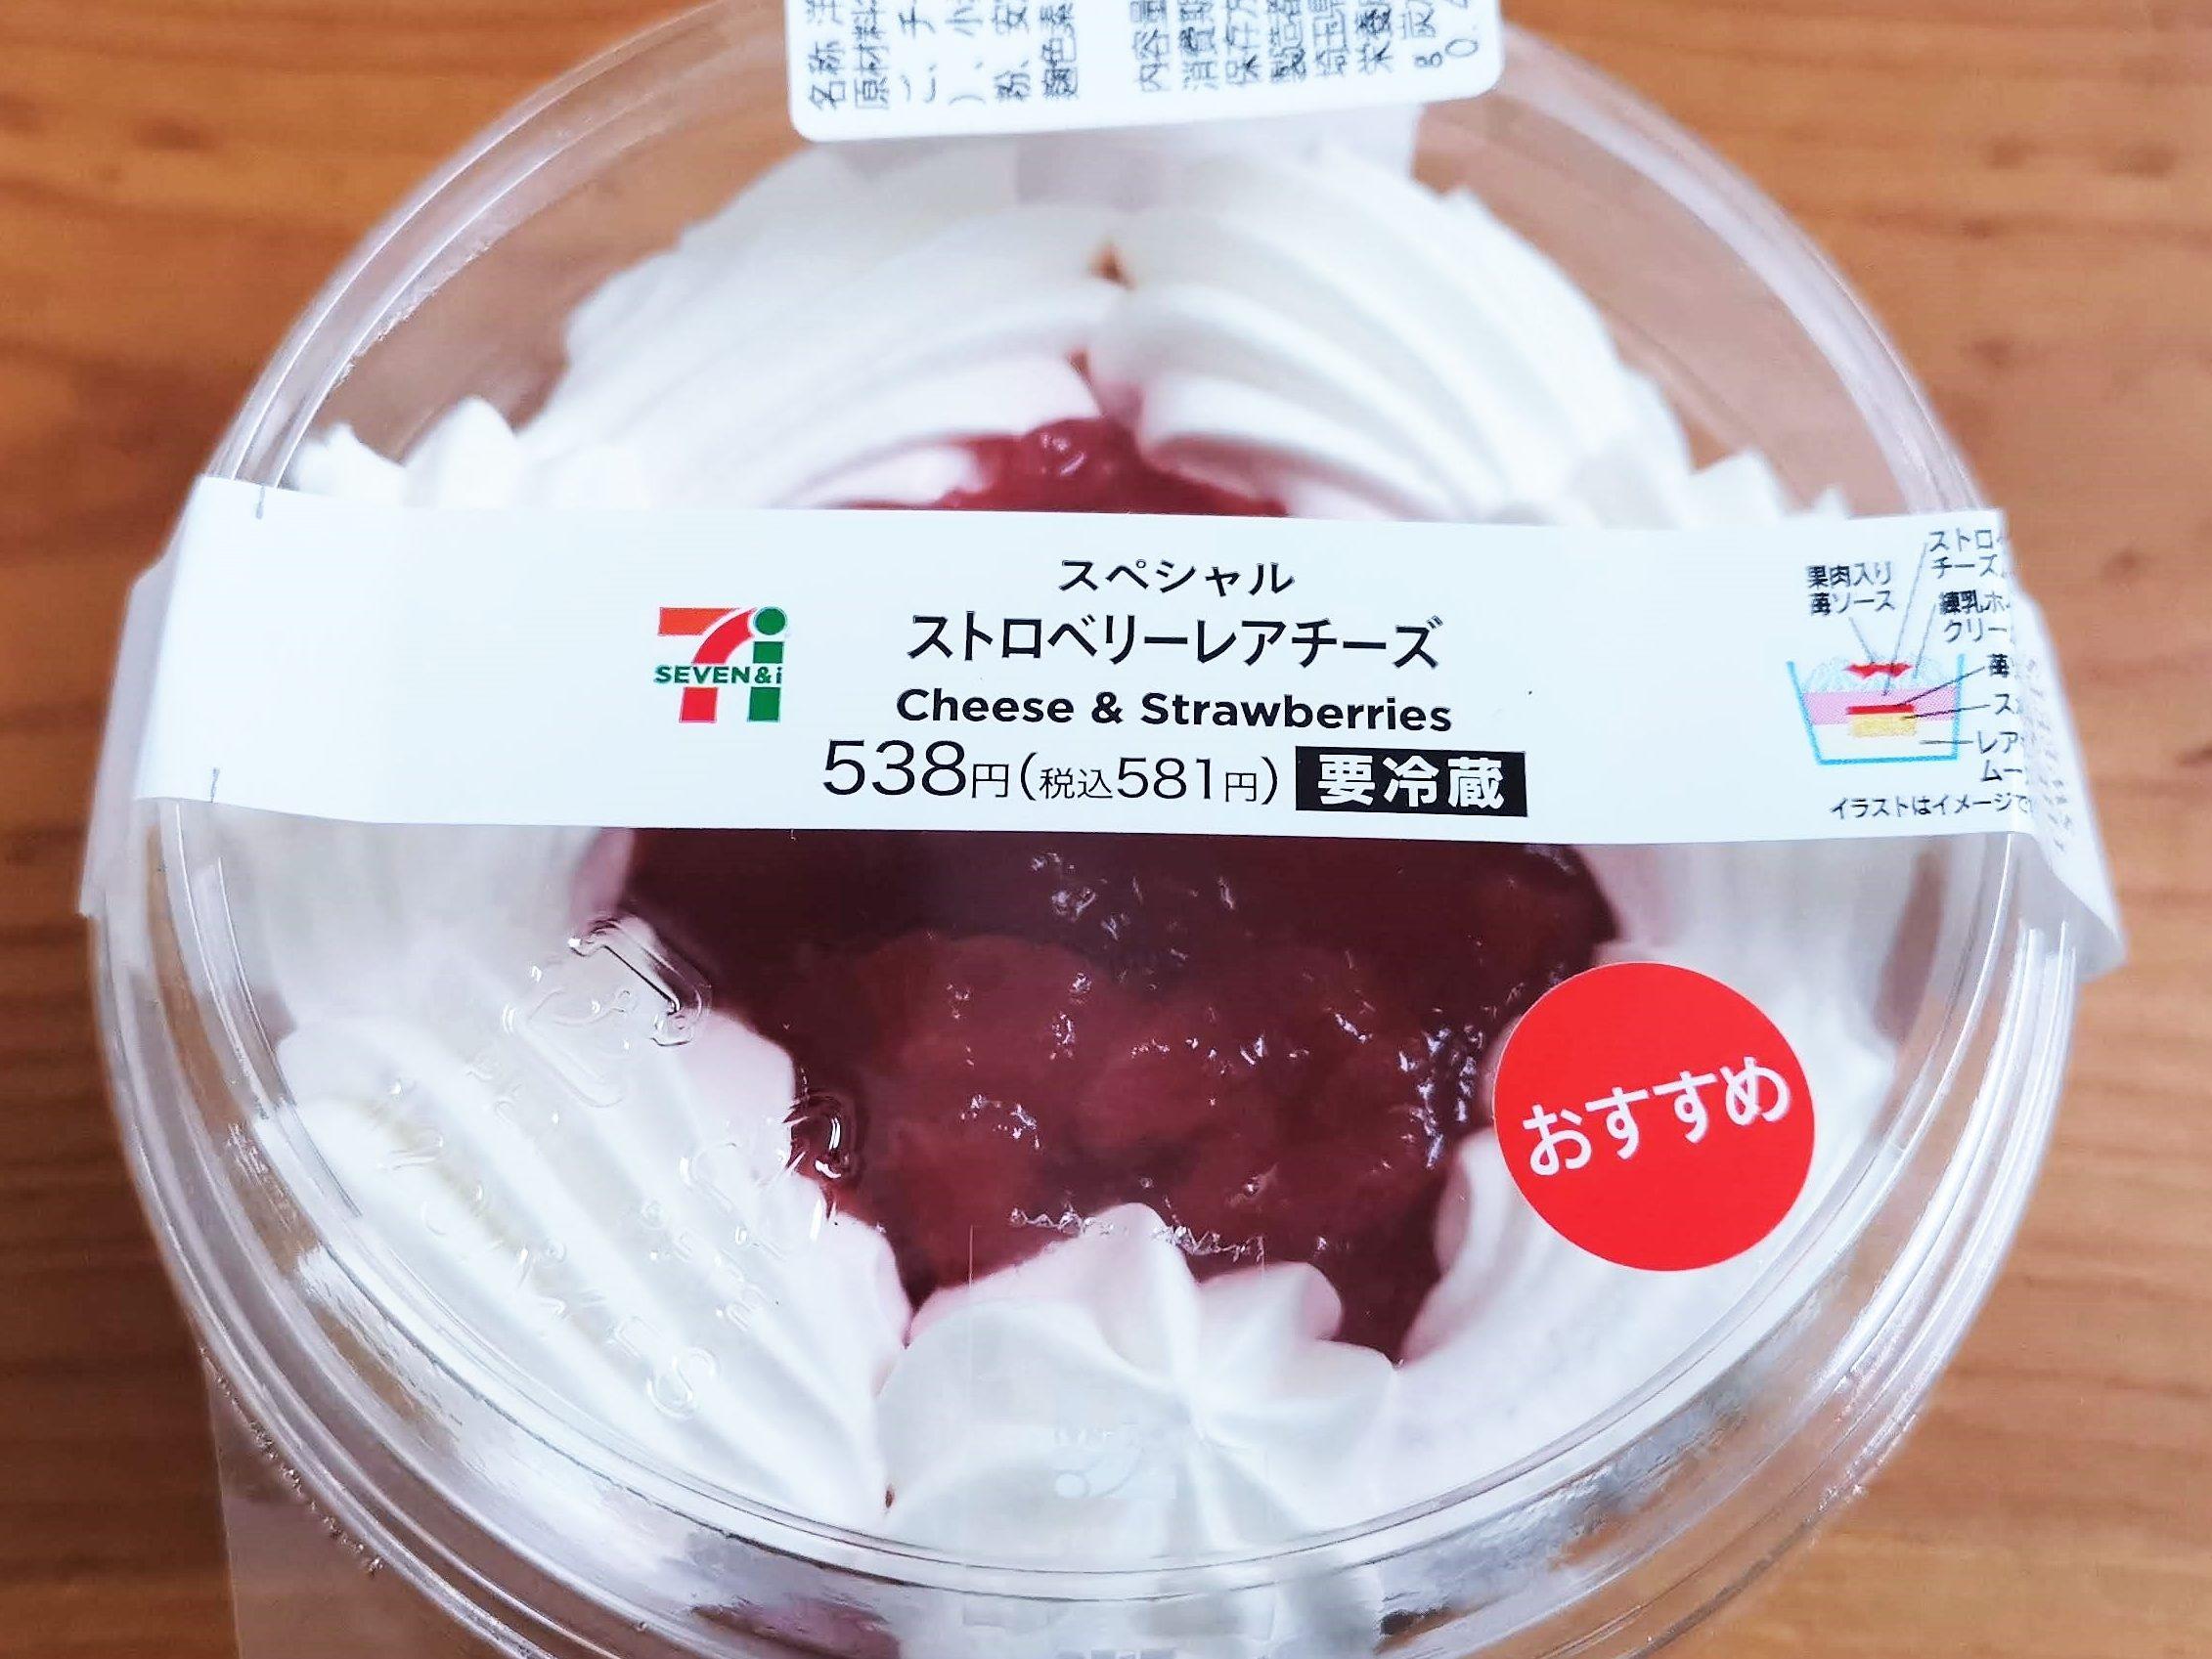 セブンイレブン スペシャルストロベリーレアチーズ (1)_R